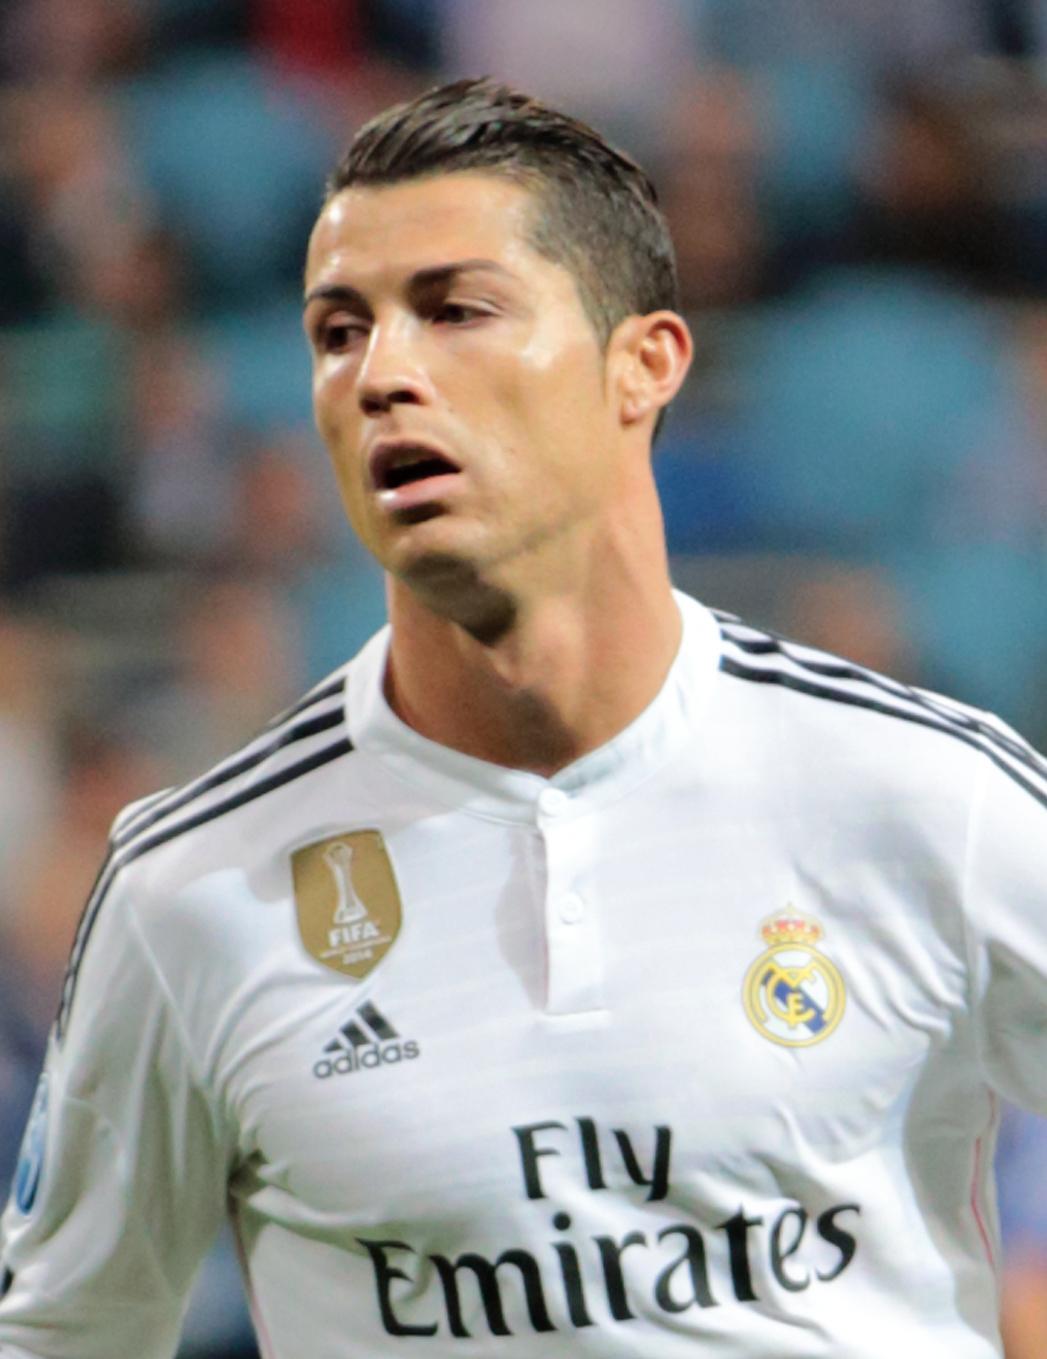 Real Madrid abre su tercera tienda oficial en México. — Pilotzi Noticias 66281139624b8